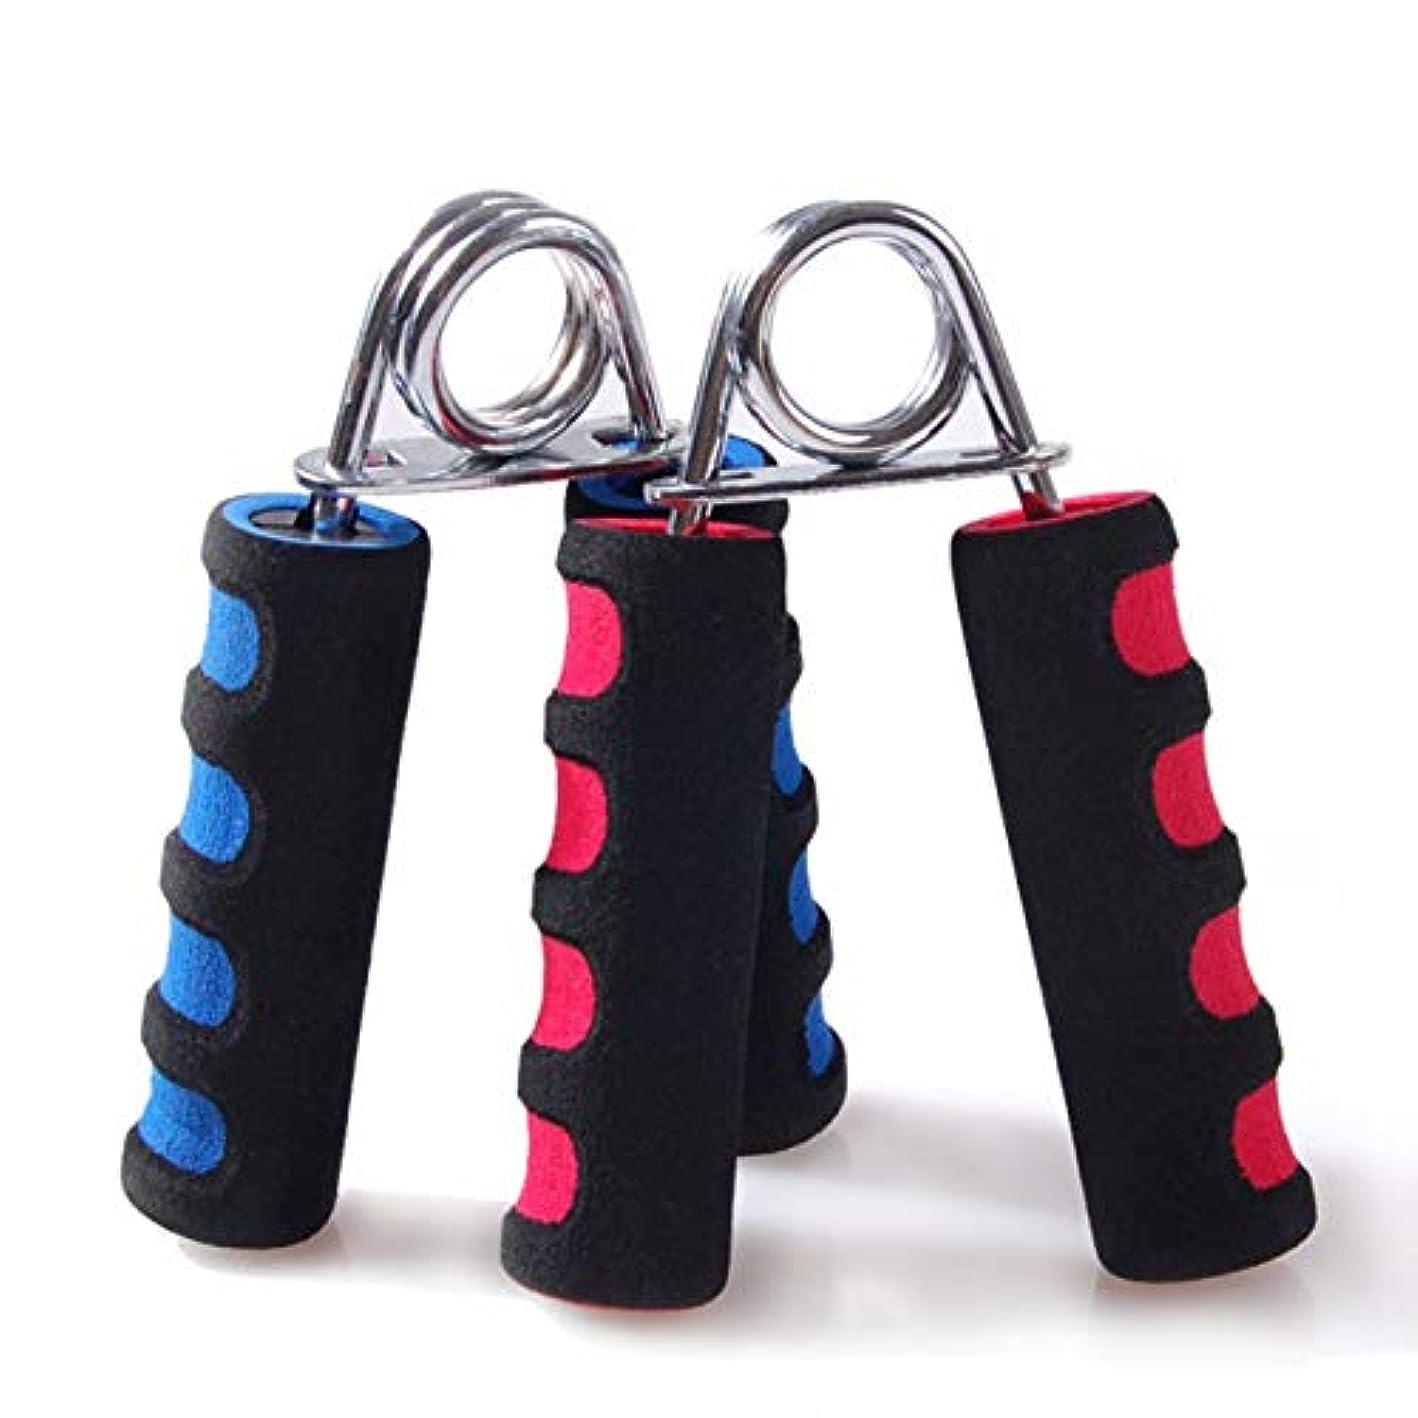 含めるハウジングペネロペDeeploveUU 体操および毎日の練習のための手のグリッパーの腕の手首の運動者の適性のグリップの頑丈なトレーナー